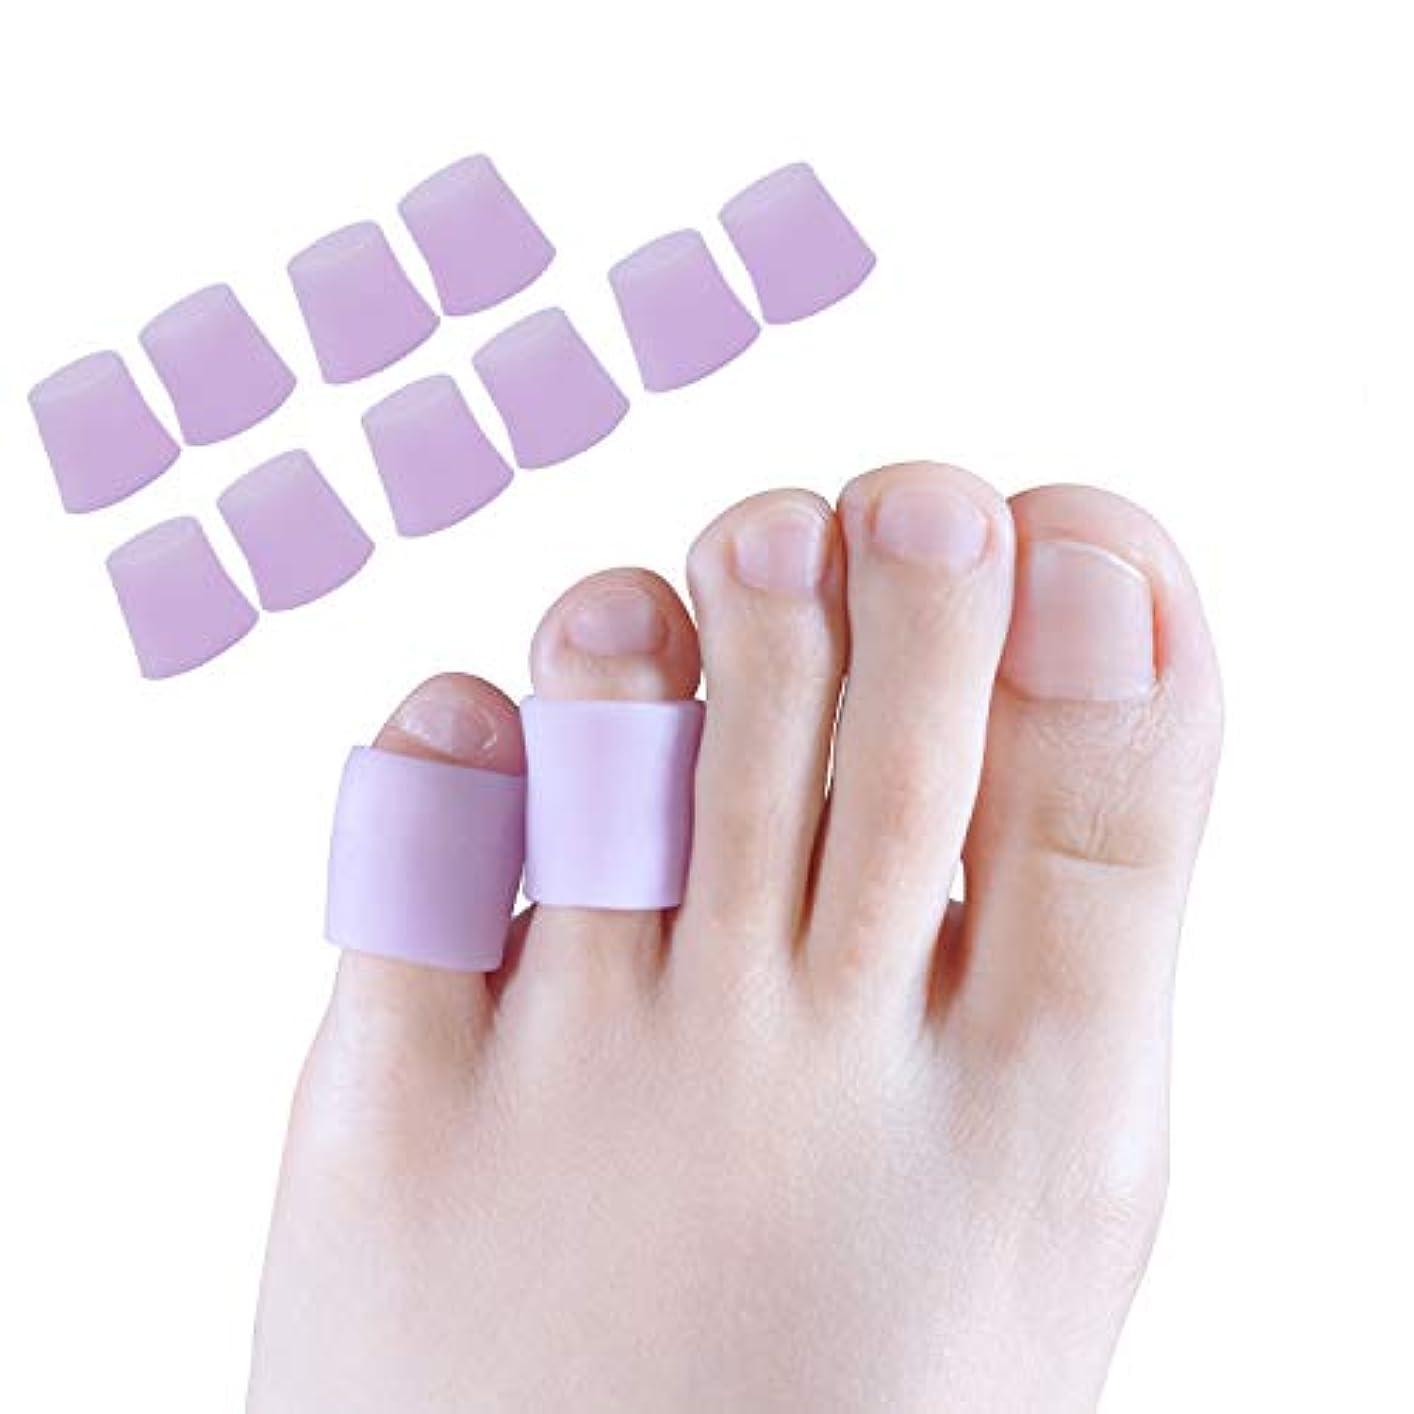 ブラザーマインド誘発するPovihome 足指保護キャップ, 足指 足爪 保護キャップ 小指 5ペア,足の小指保護,パープル